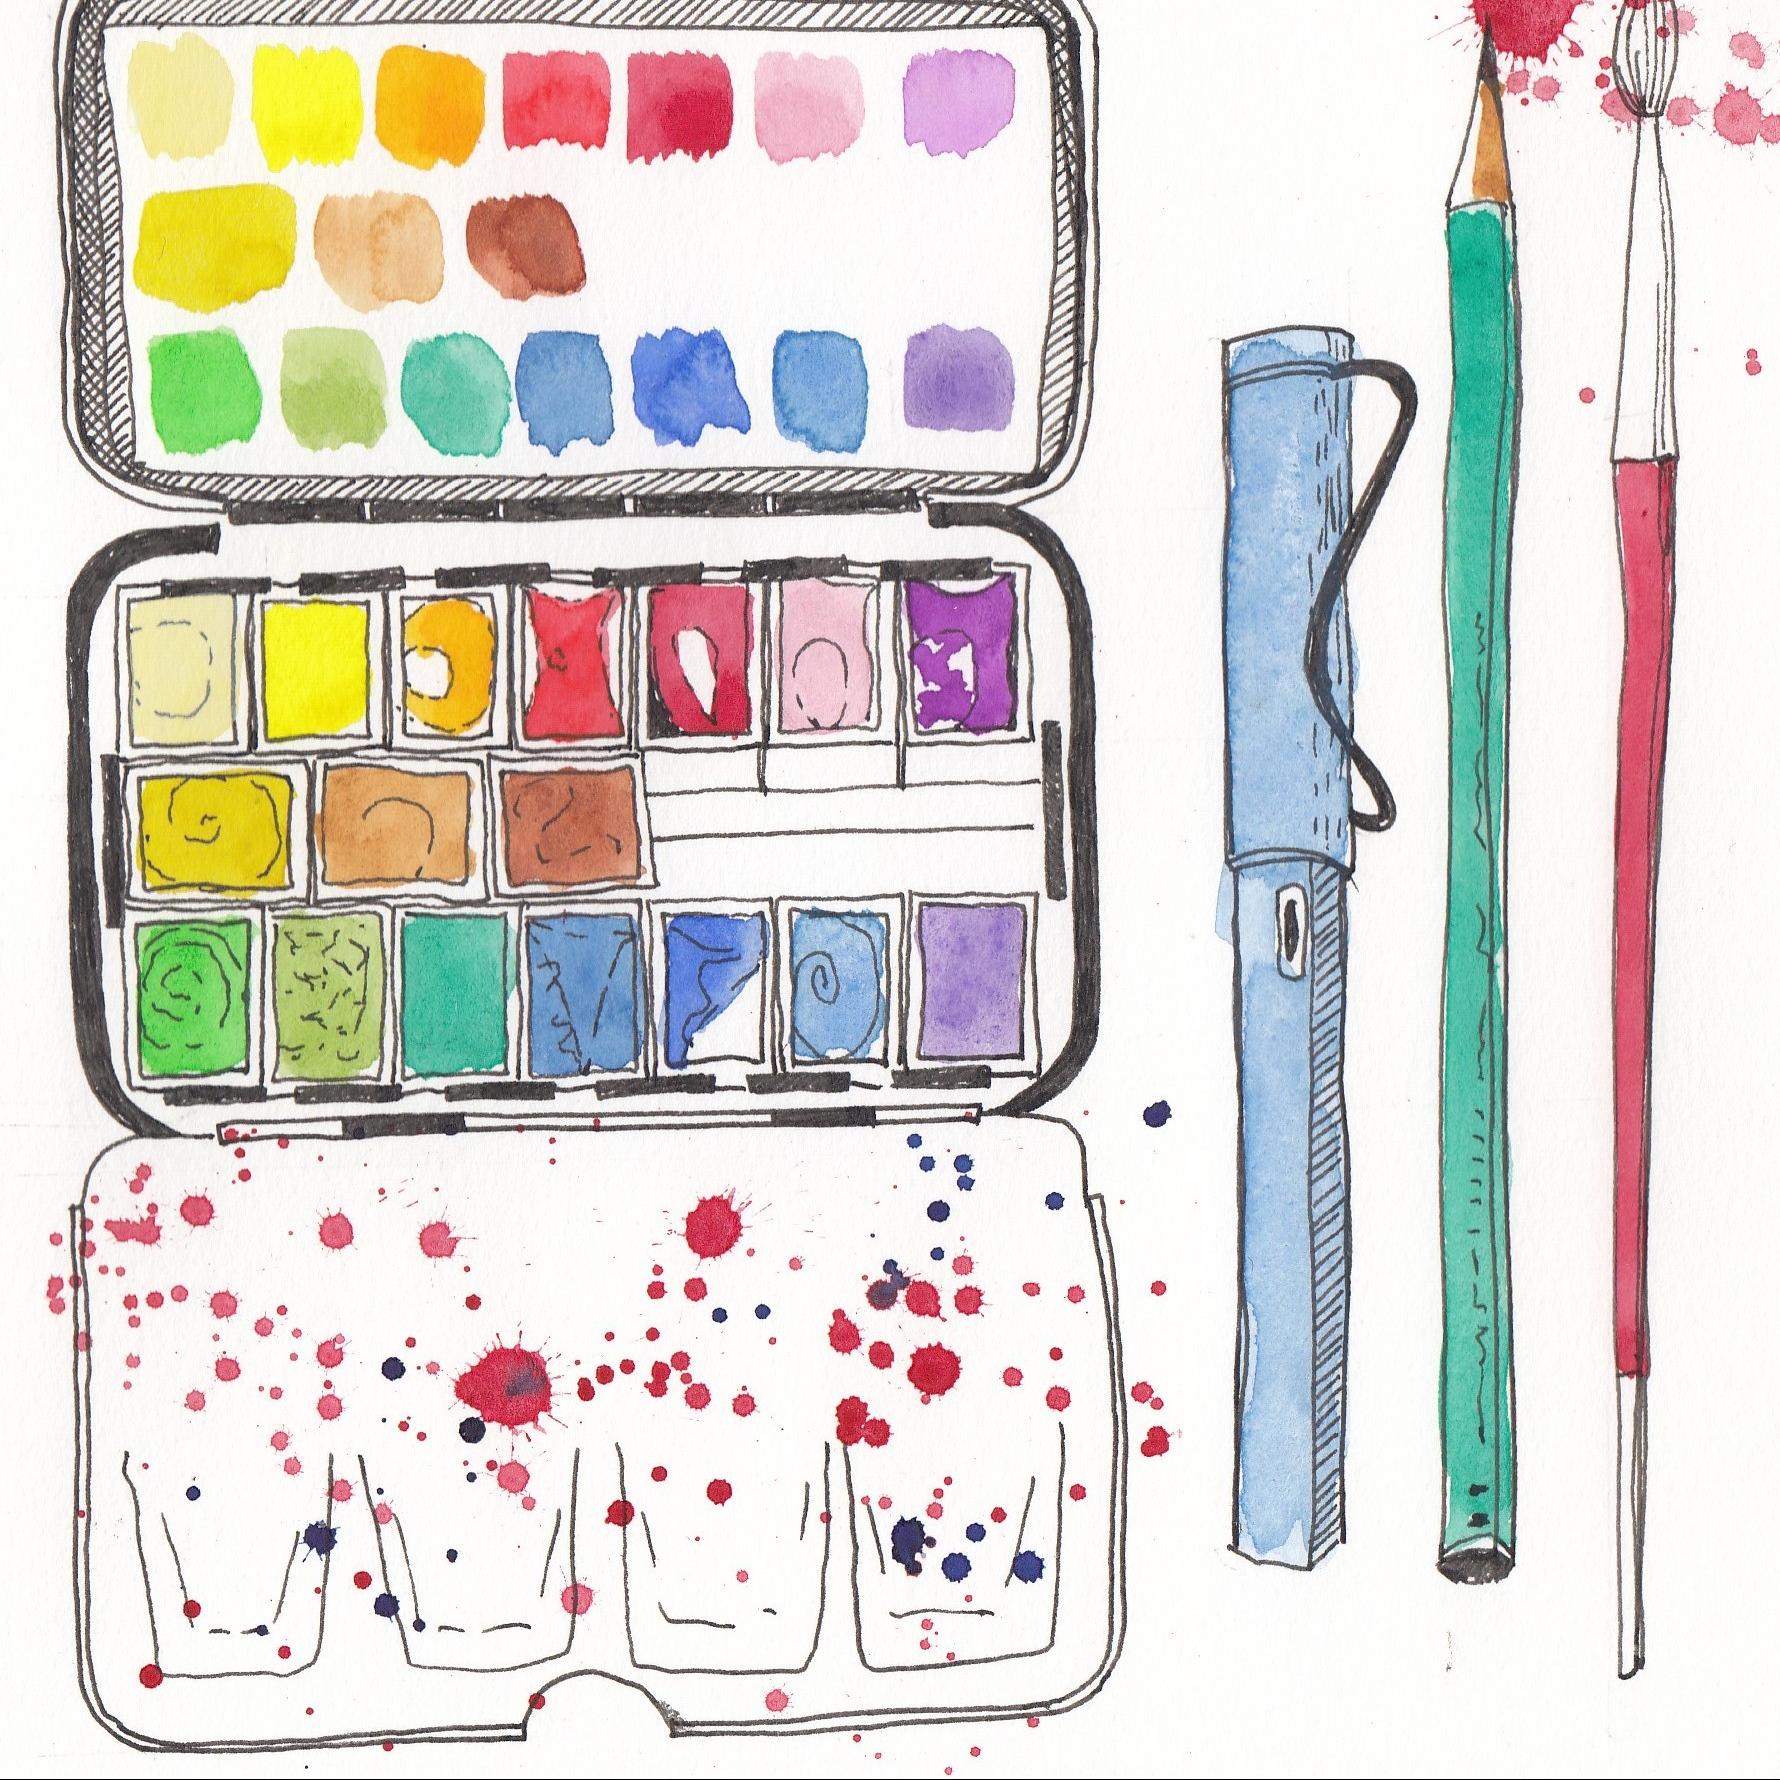 paint palette pen brush pencil